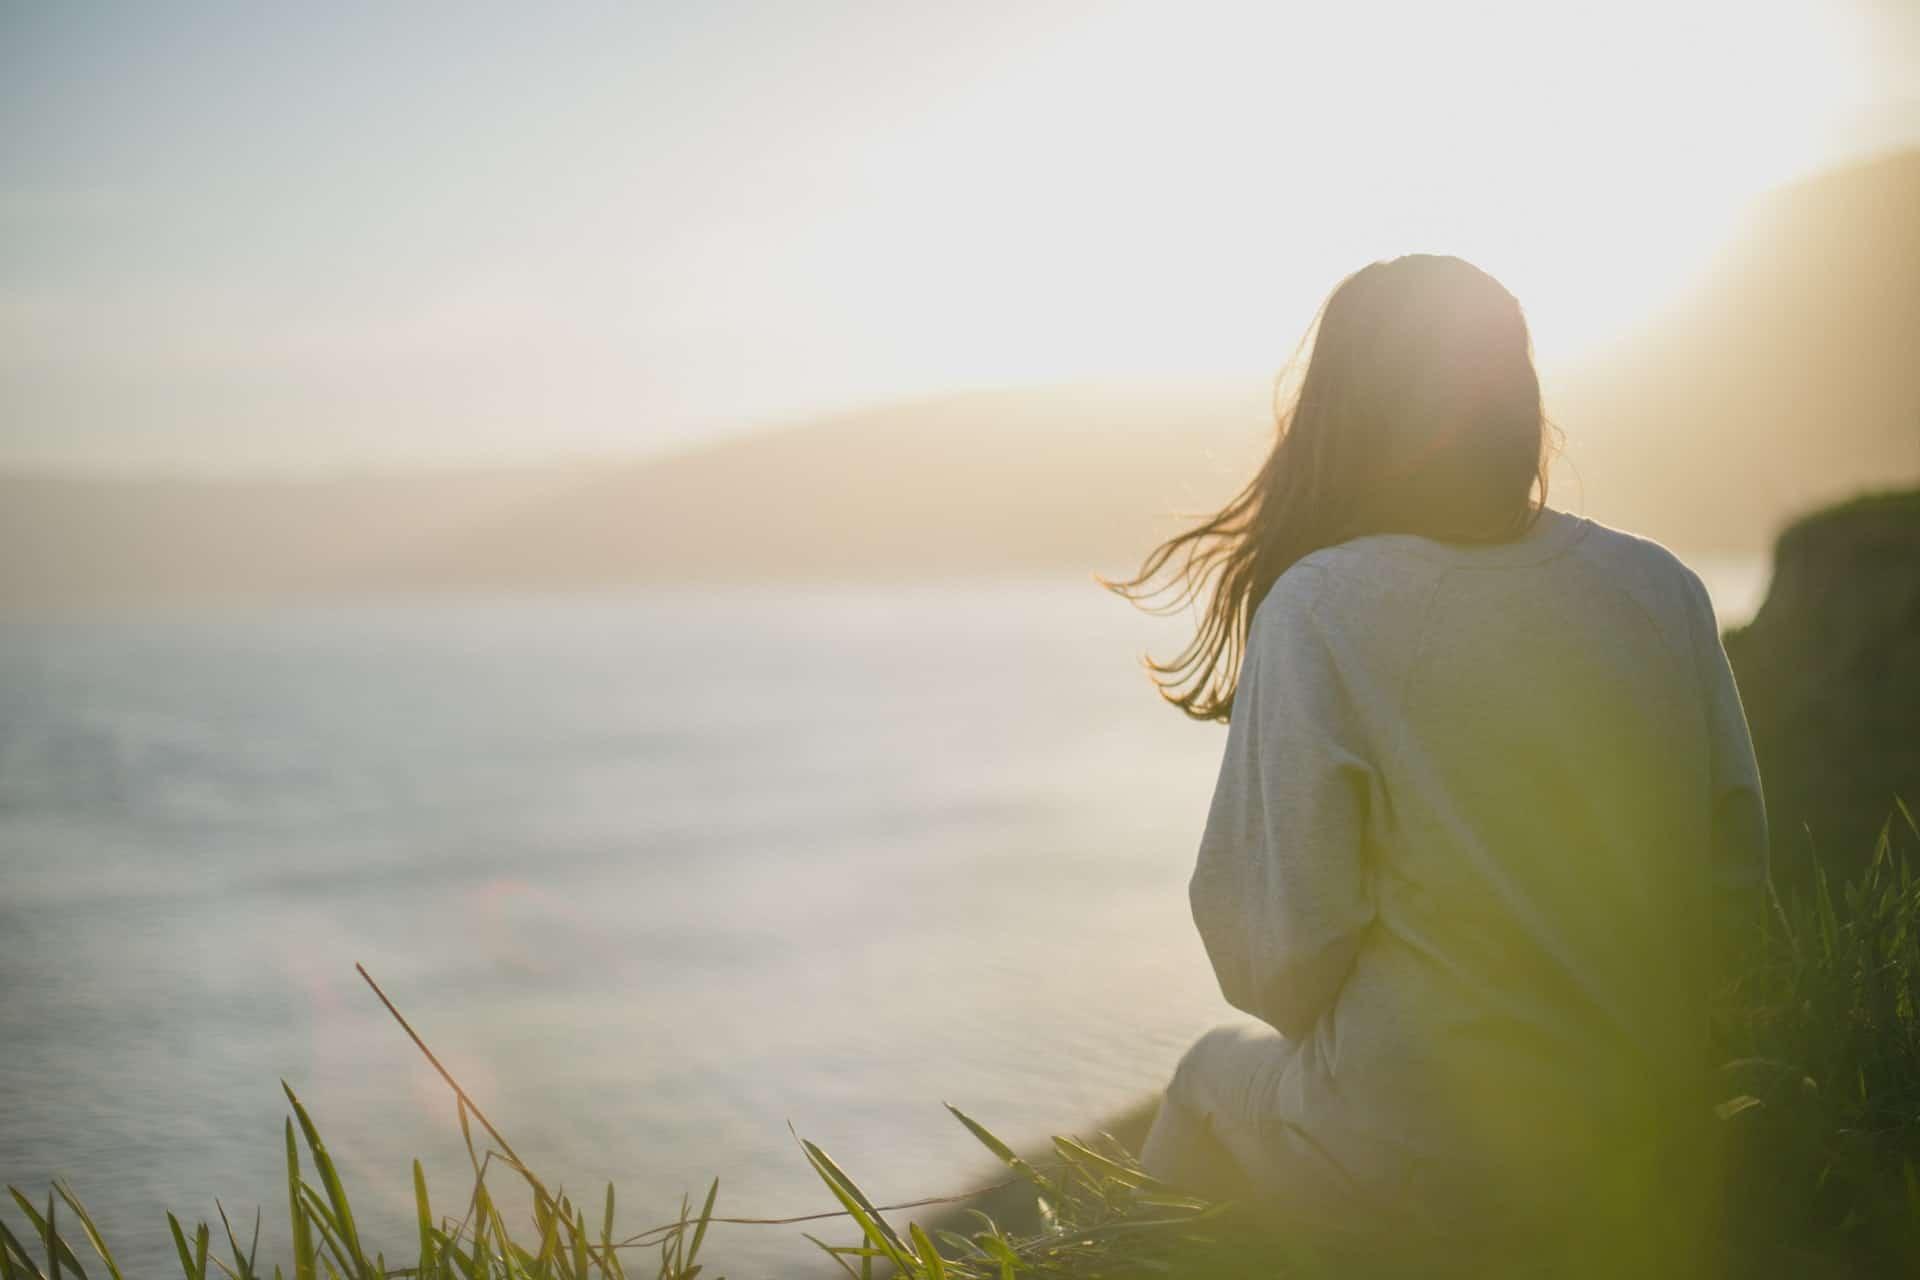 Eine Frau mit langen schwarzen Haaren sitzt mit dem Rücken zum Gras